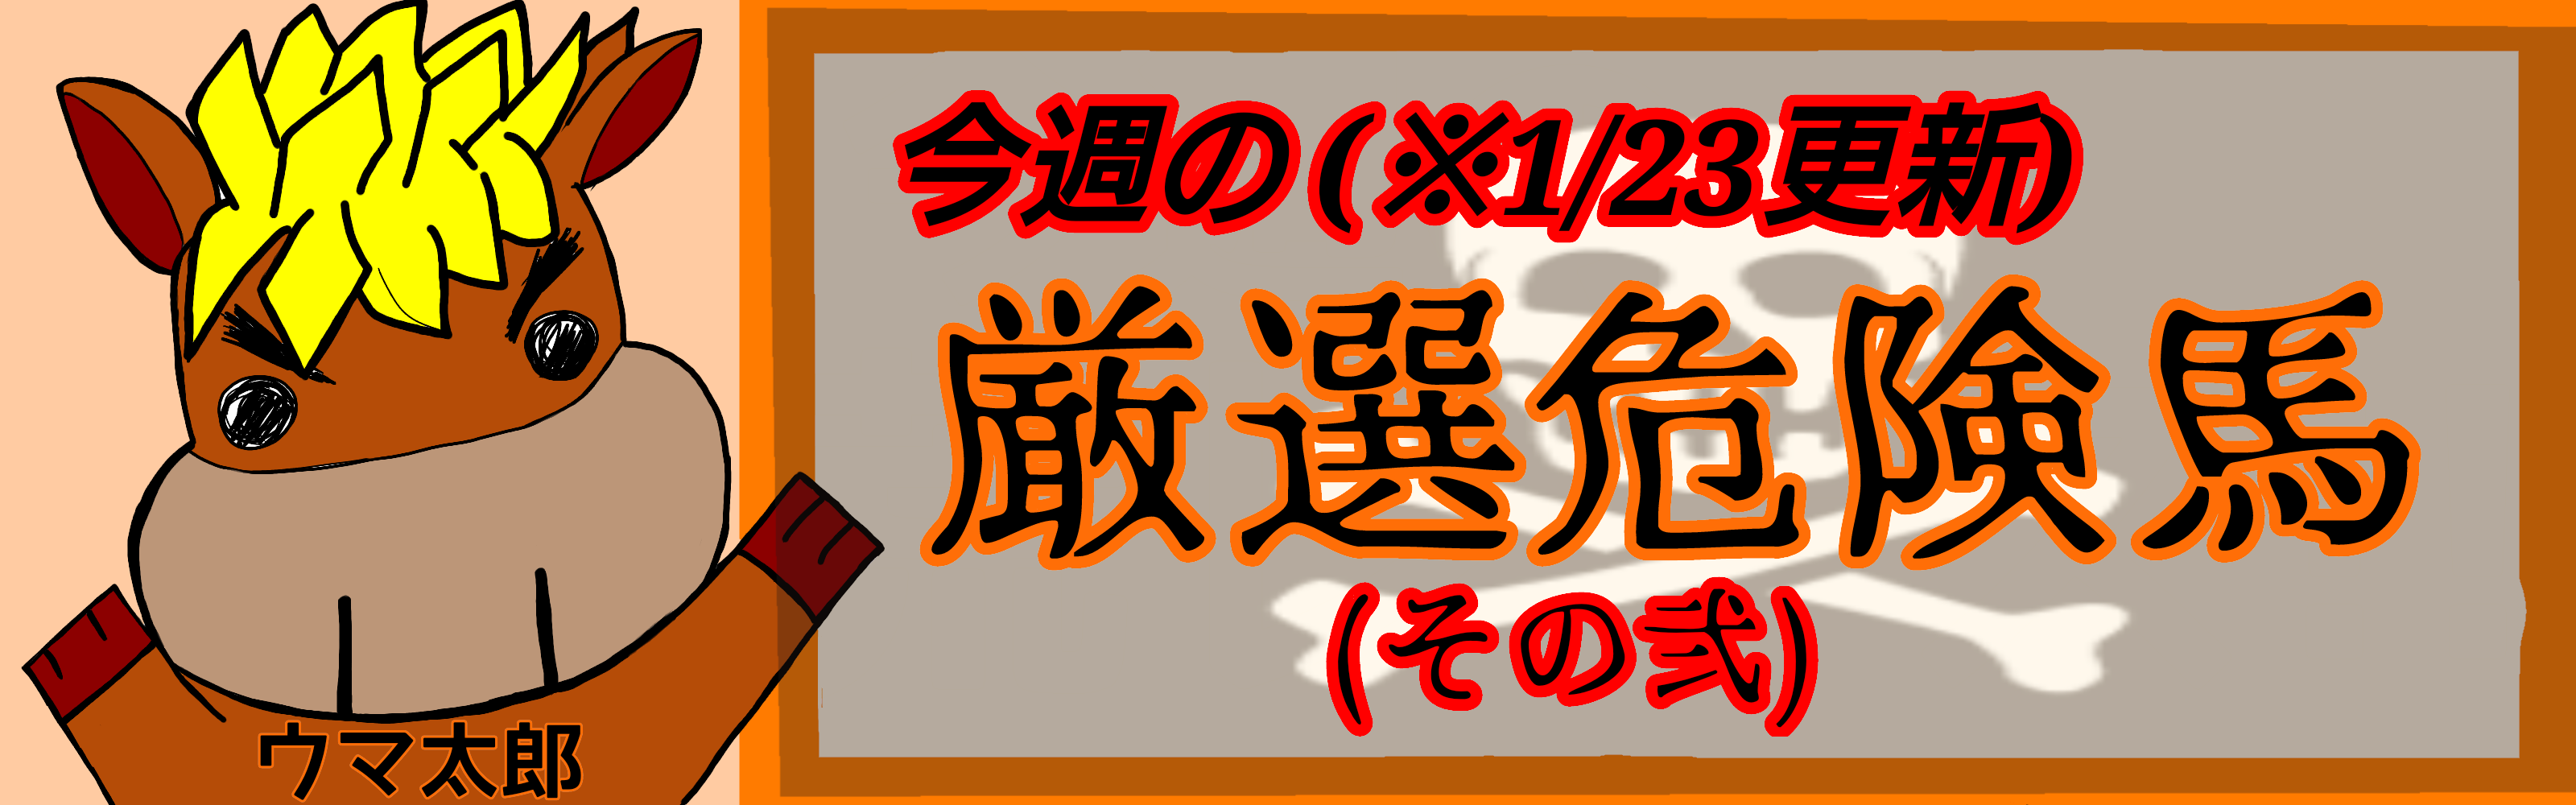 ※1/23更新 今週の厳選危険馬(その弐)